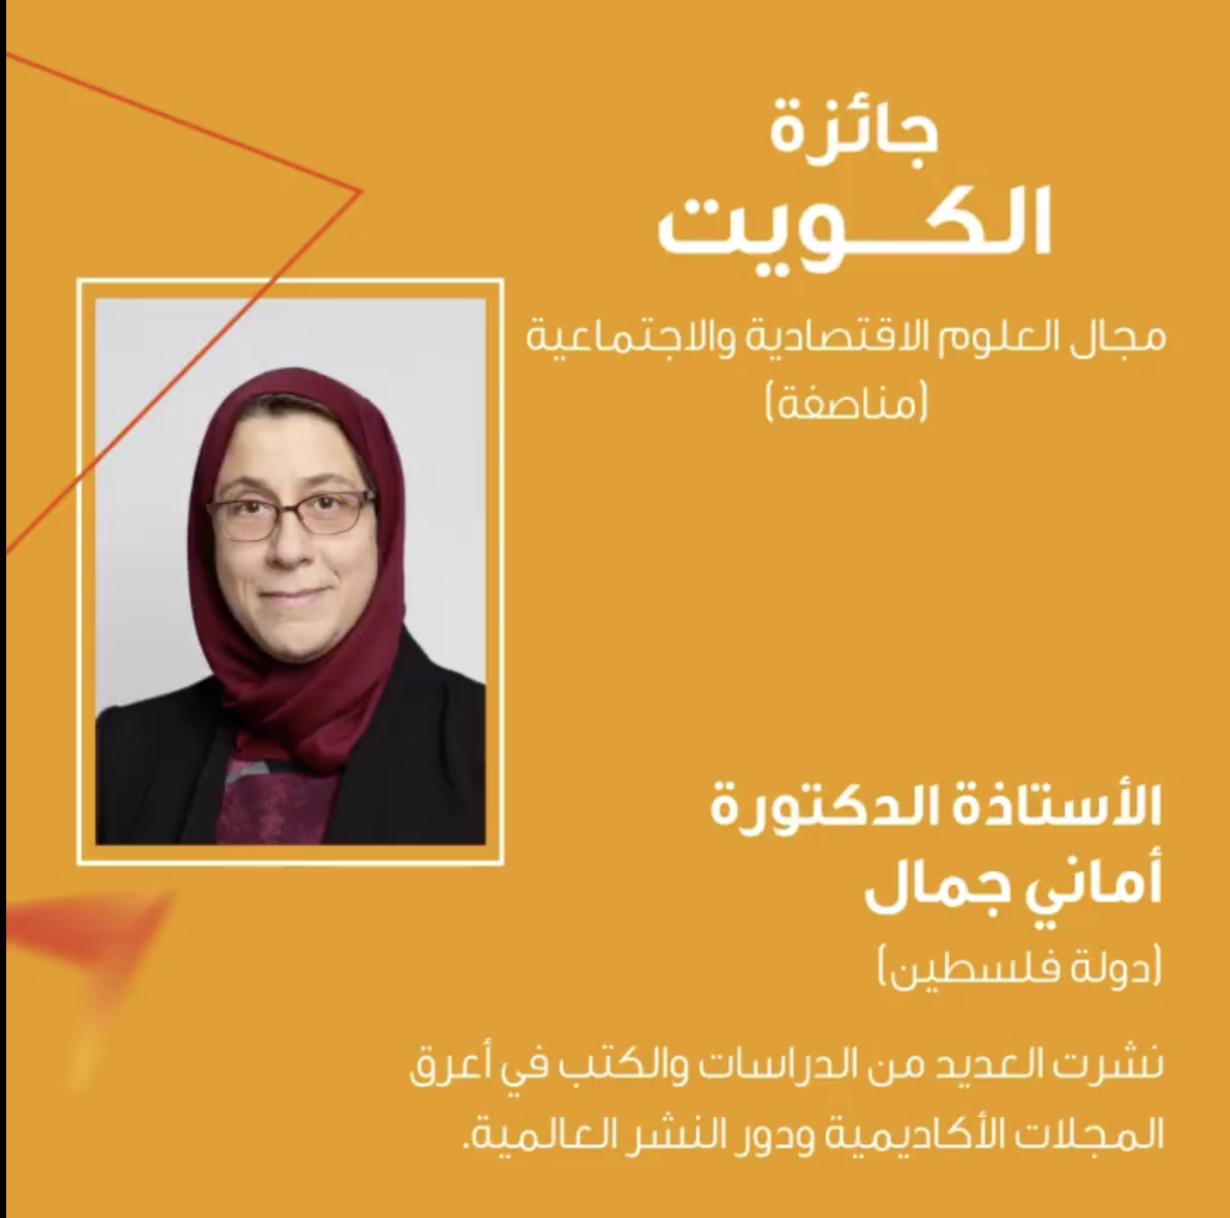 د. أماني جمال تحصل على جائزة الكويت في مجال العلوم الإقتصادية والإجتماعية